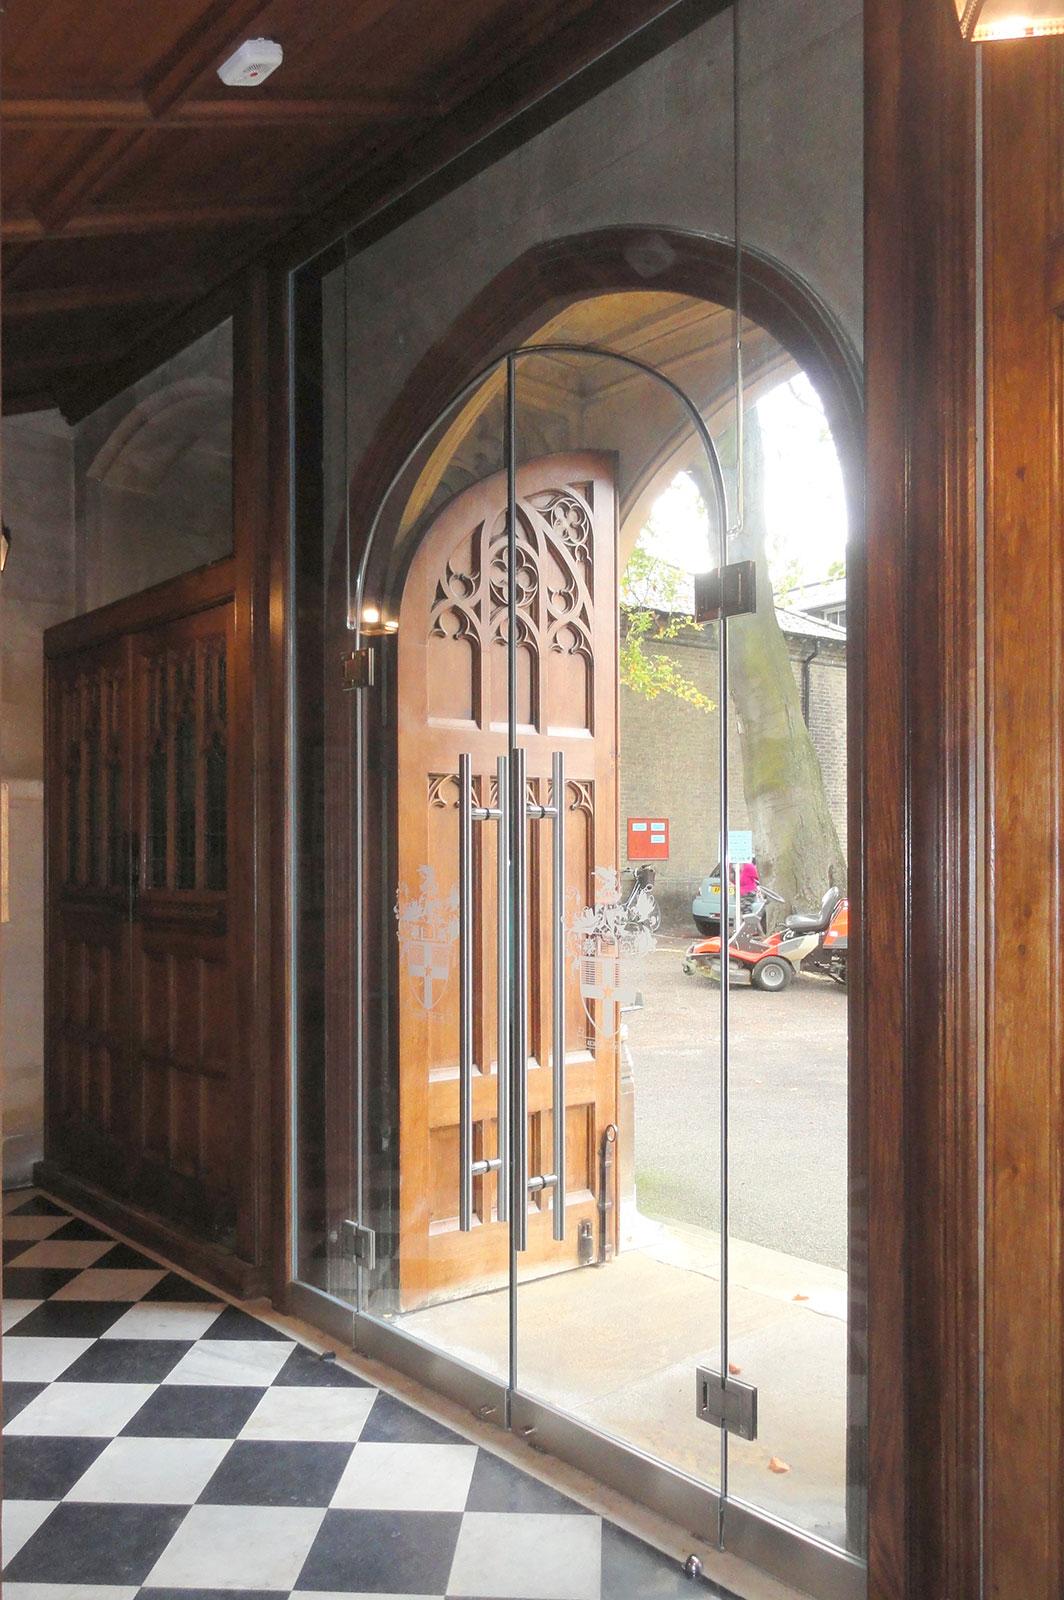 Arched Top Glass Doors, Leys School, Cambridge